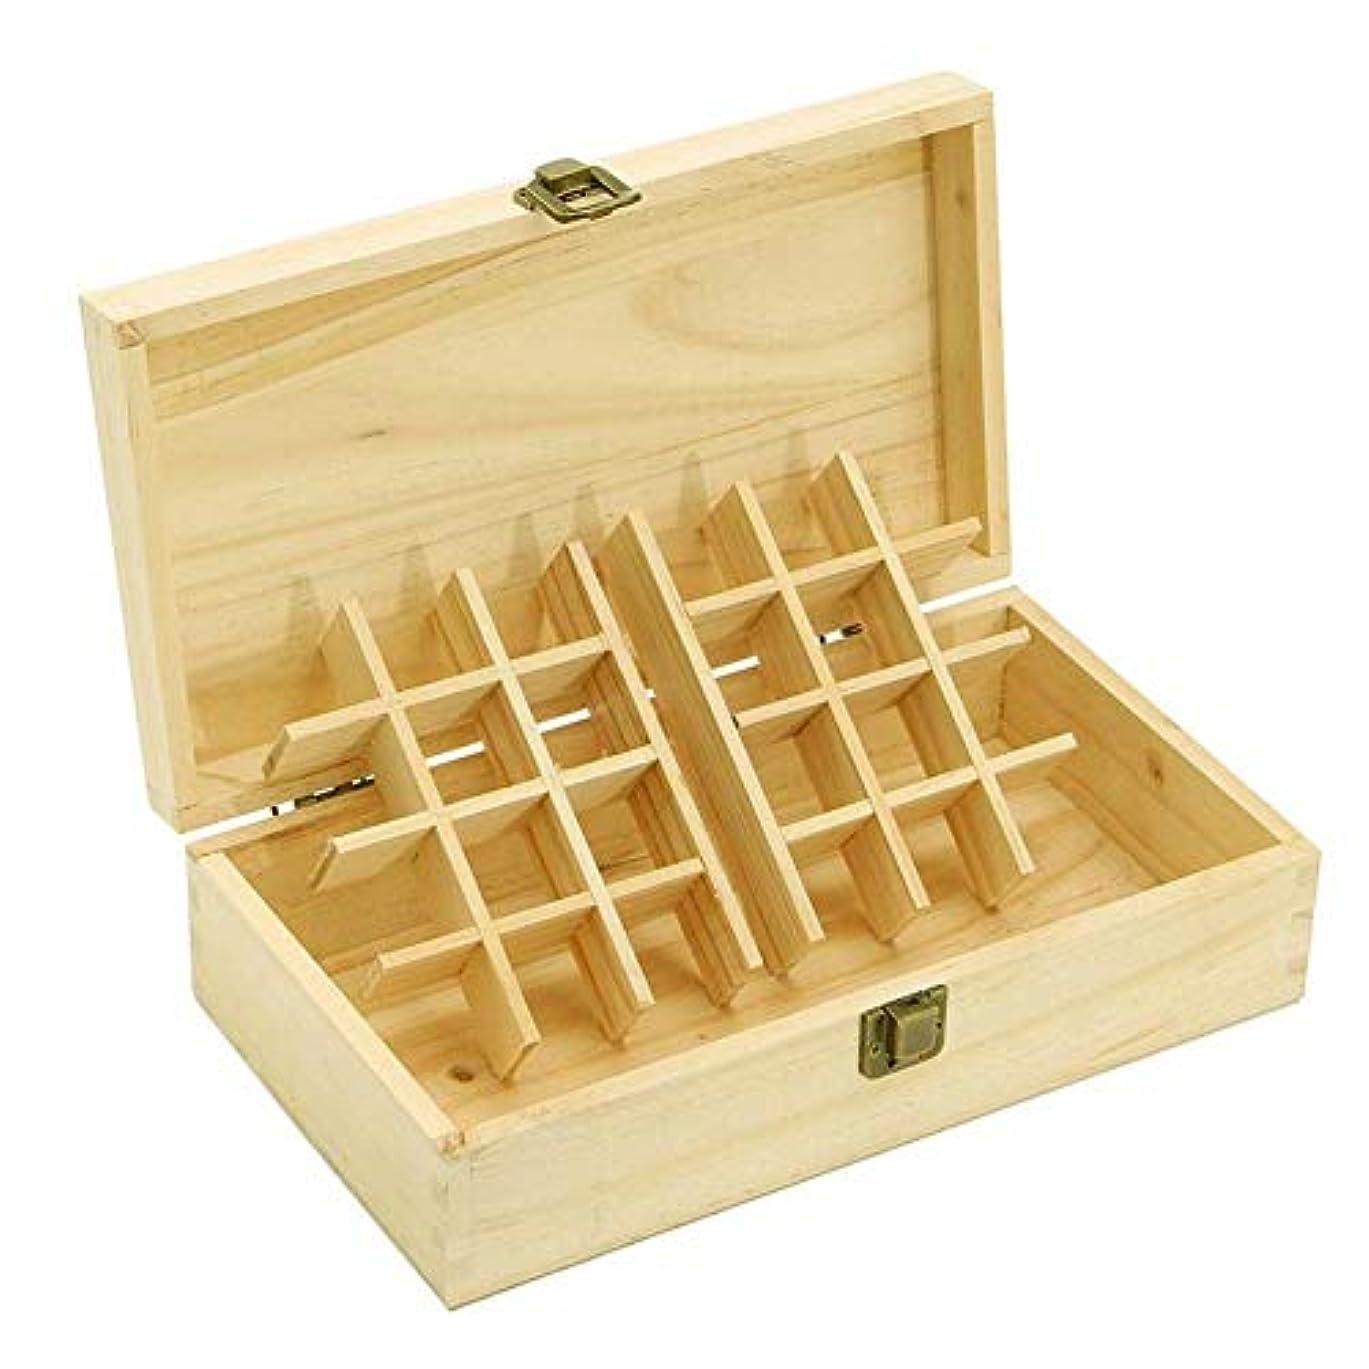 ホテルフリッパー丘エッセンシャルオイル収納ボックス 純木の精油の収納箱 香水収納ケース アロマオイル収納ボックス